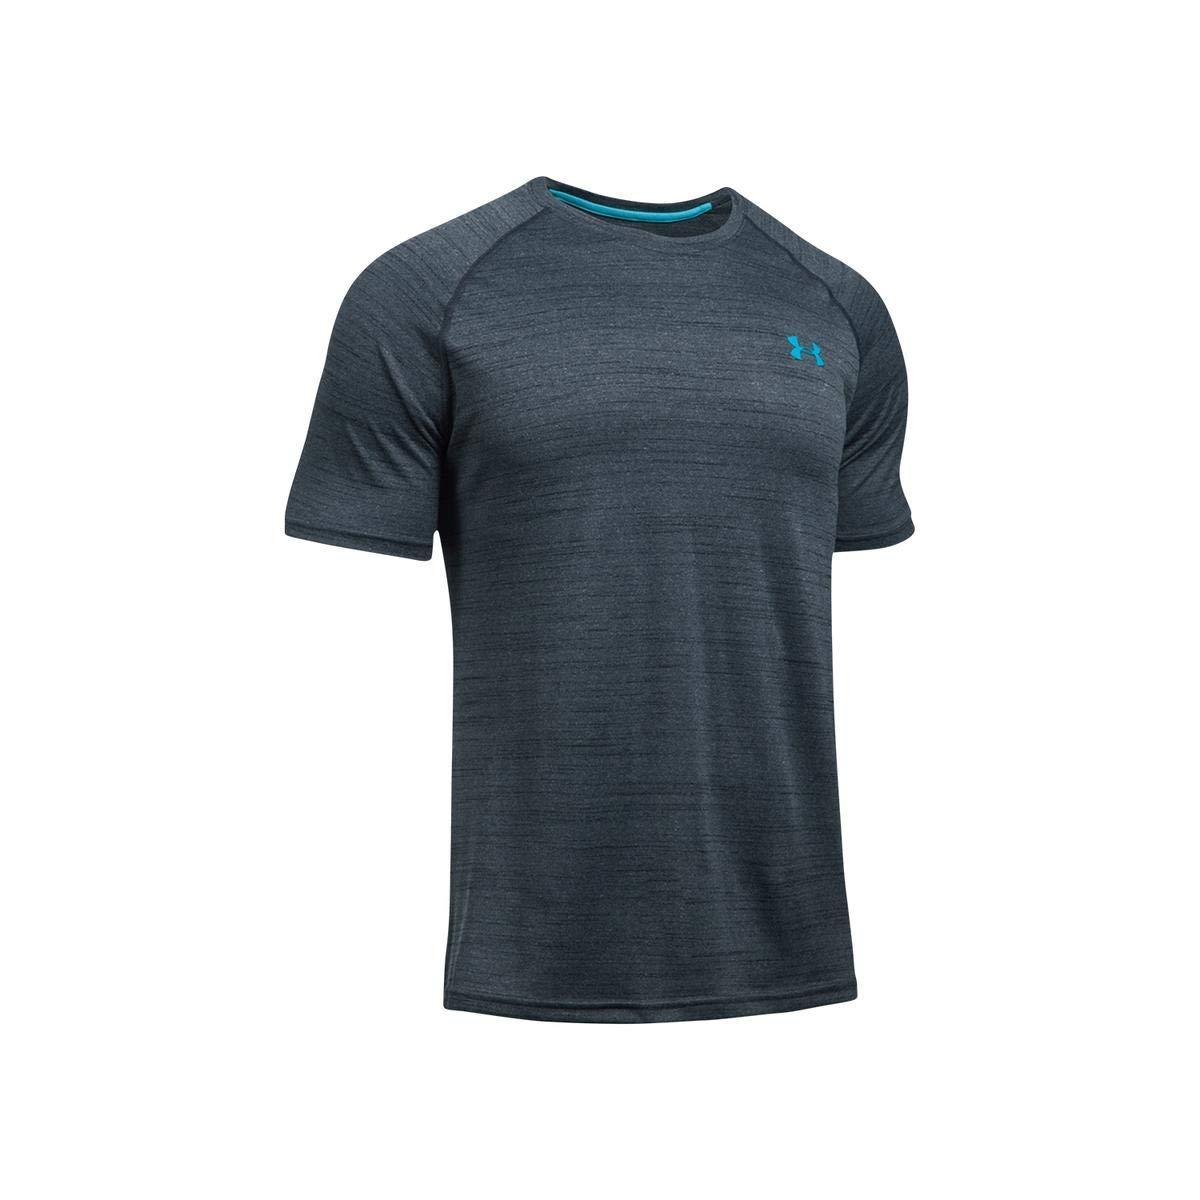 【セール 登場から人気沸騰】 [アンダーアーマー] Grey/Blue トレーニング/Tシャツ Small テックTシャツ Grey/Blue 1228539 メンズ B01MRX6QLP Stealth Grey/Blue Small Small|Stealth Grey/Blue, シントミチョウ:7318977d --- svecha37.ru